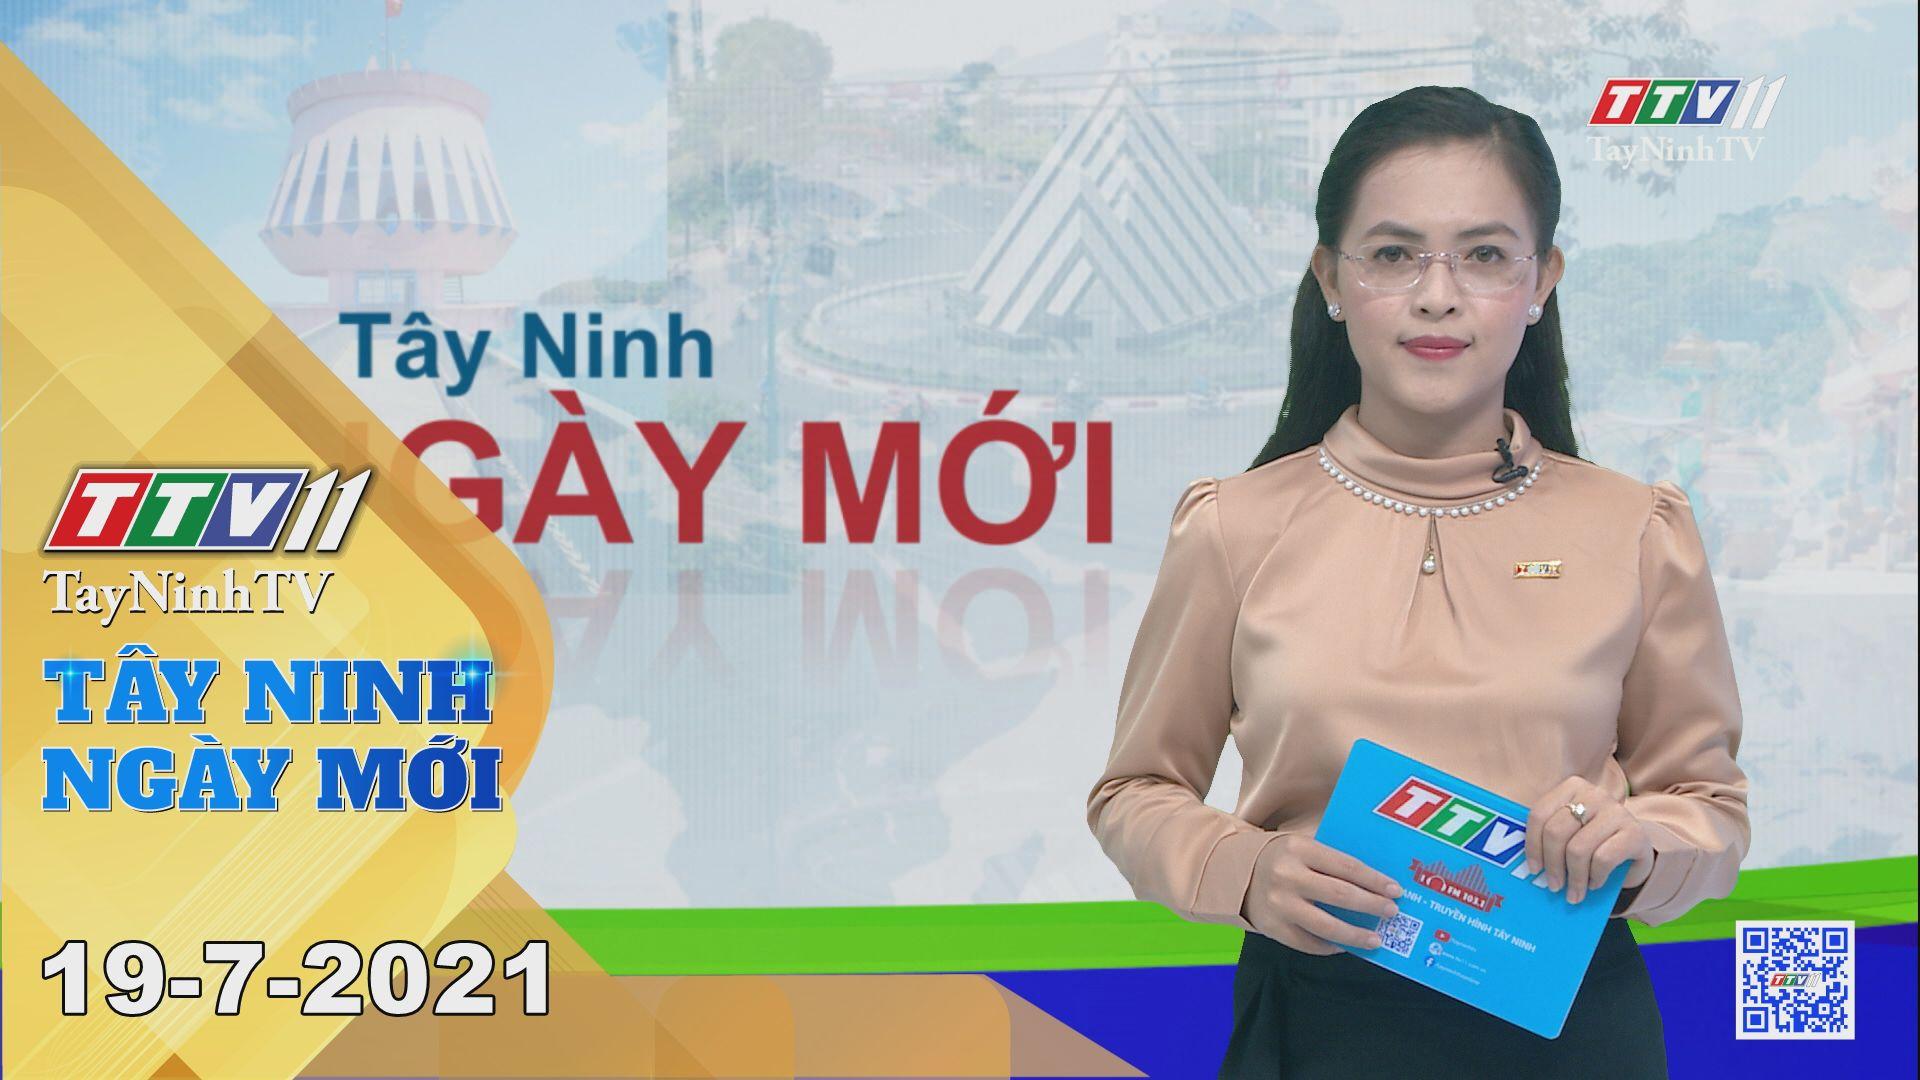 Tây Ninh Ngày Mới 19-7-2021 | Tin tức hôm nay | TayNinhTV